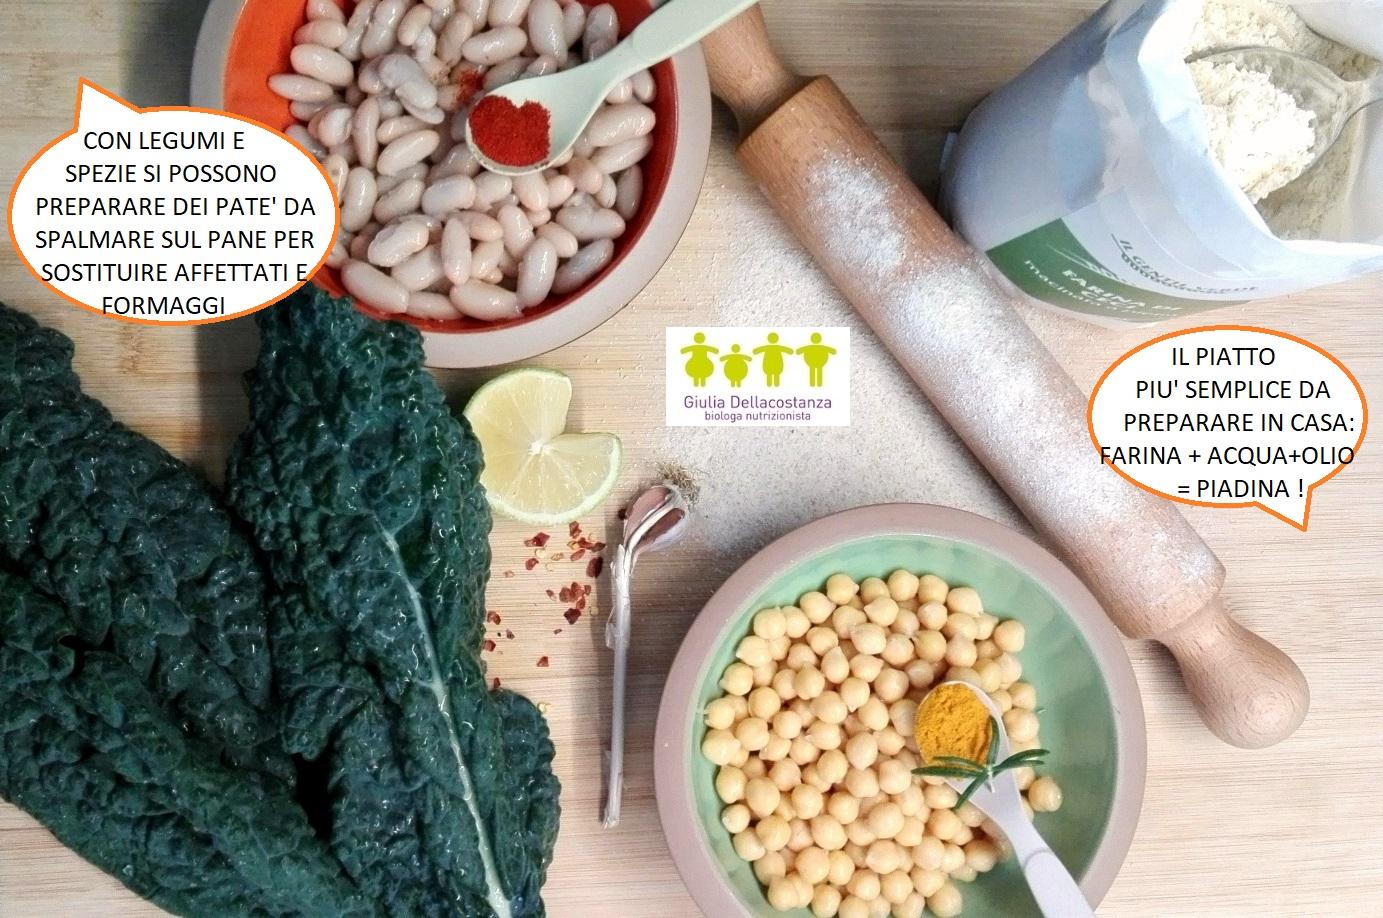 Tagliere ingredienti per farcire una piadina.